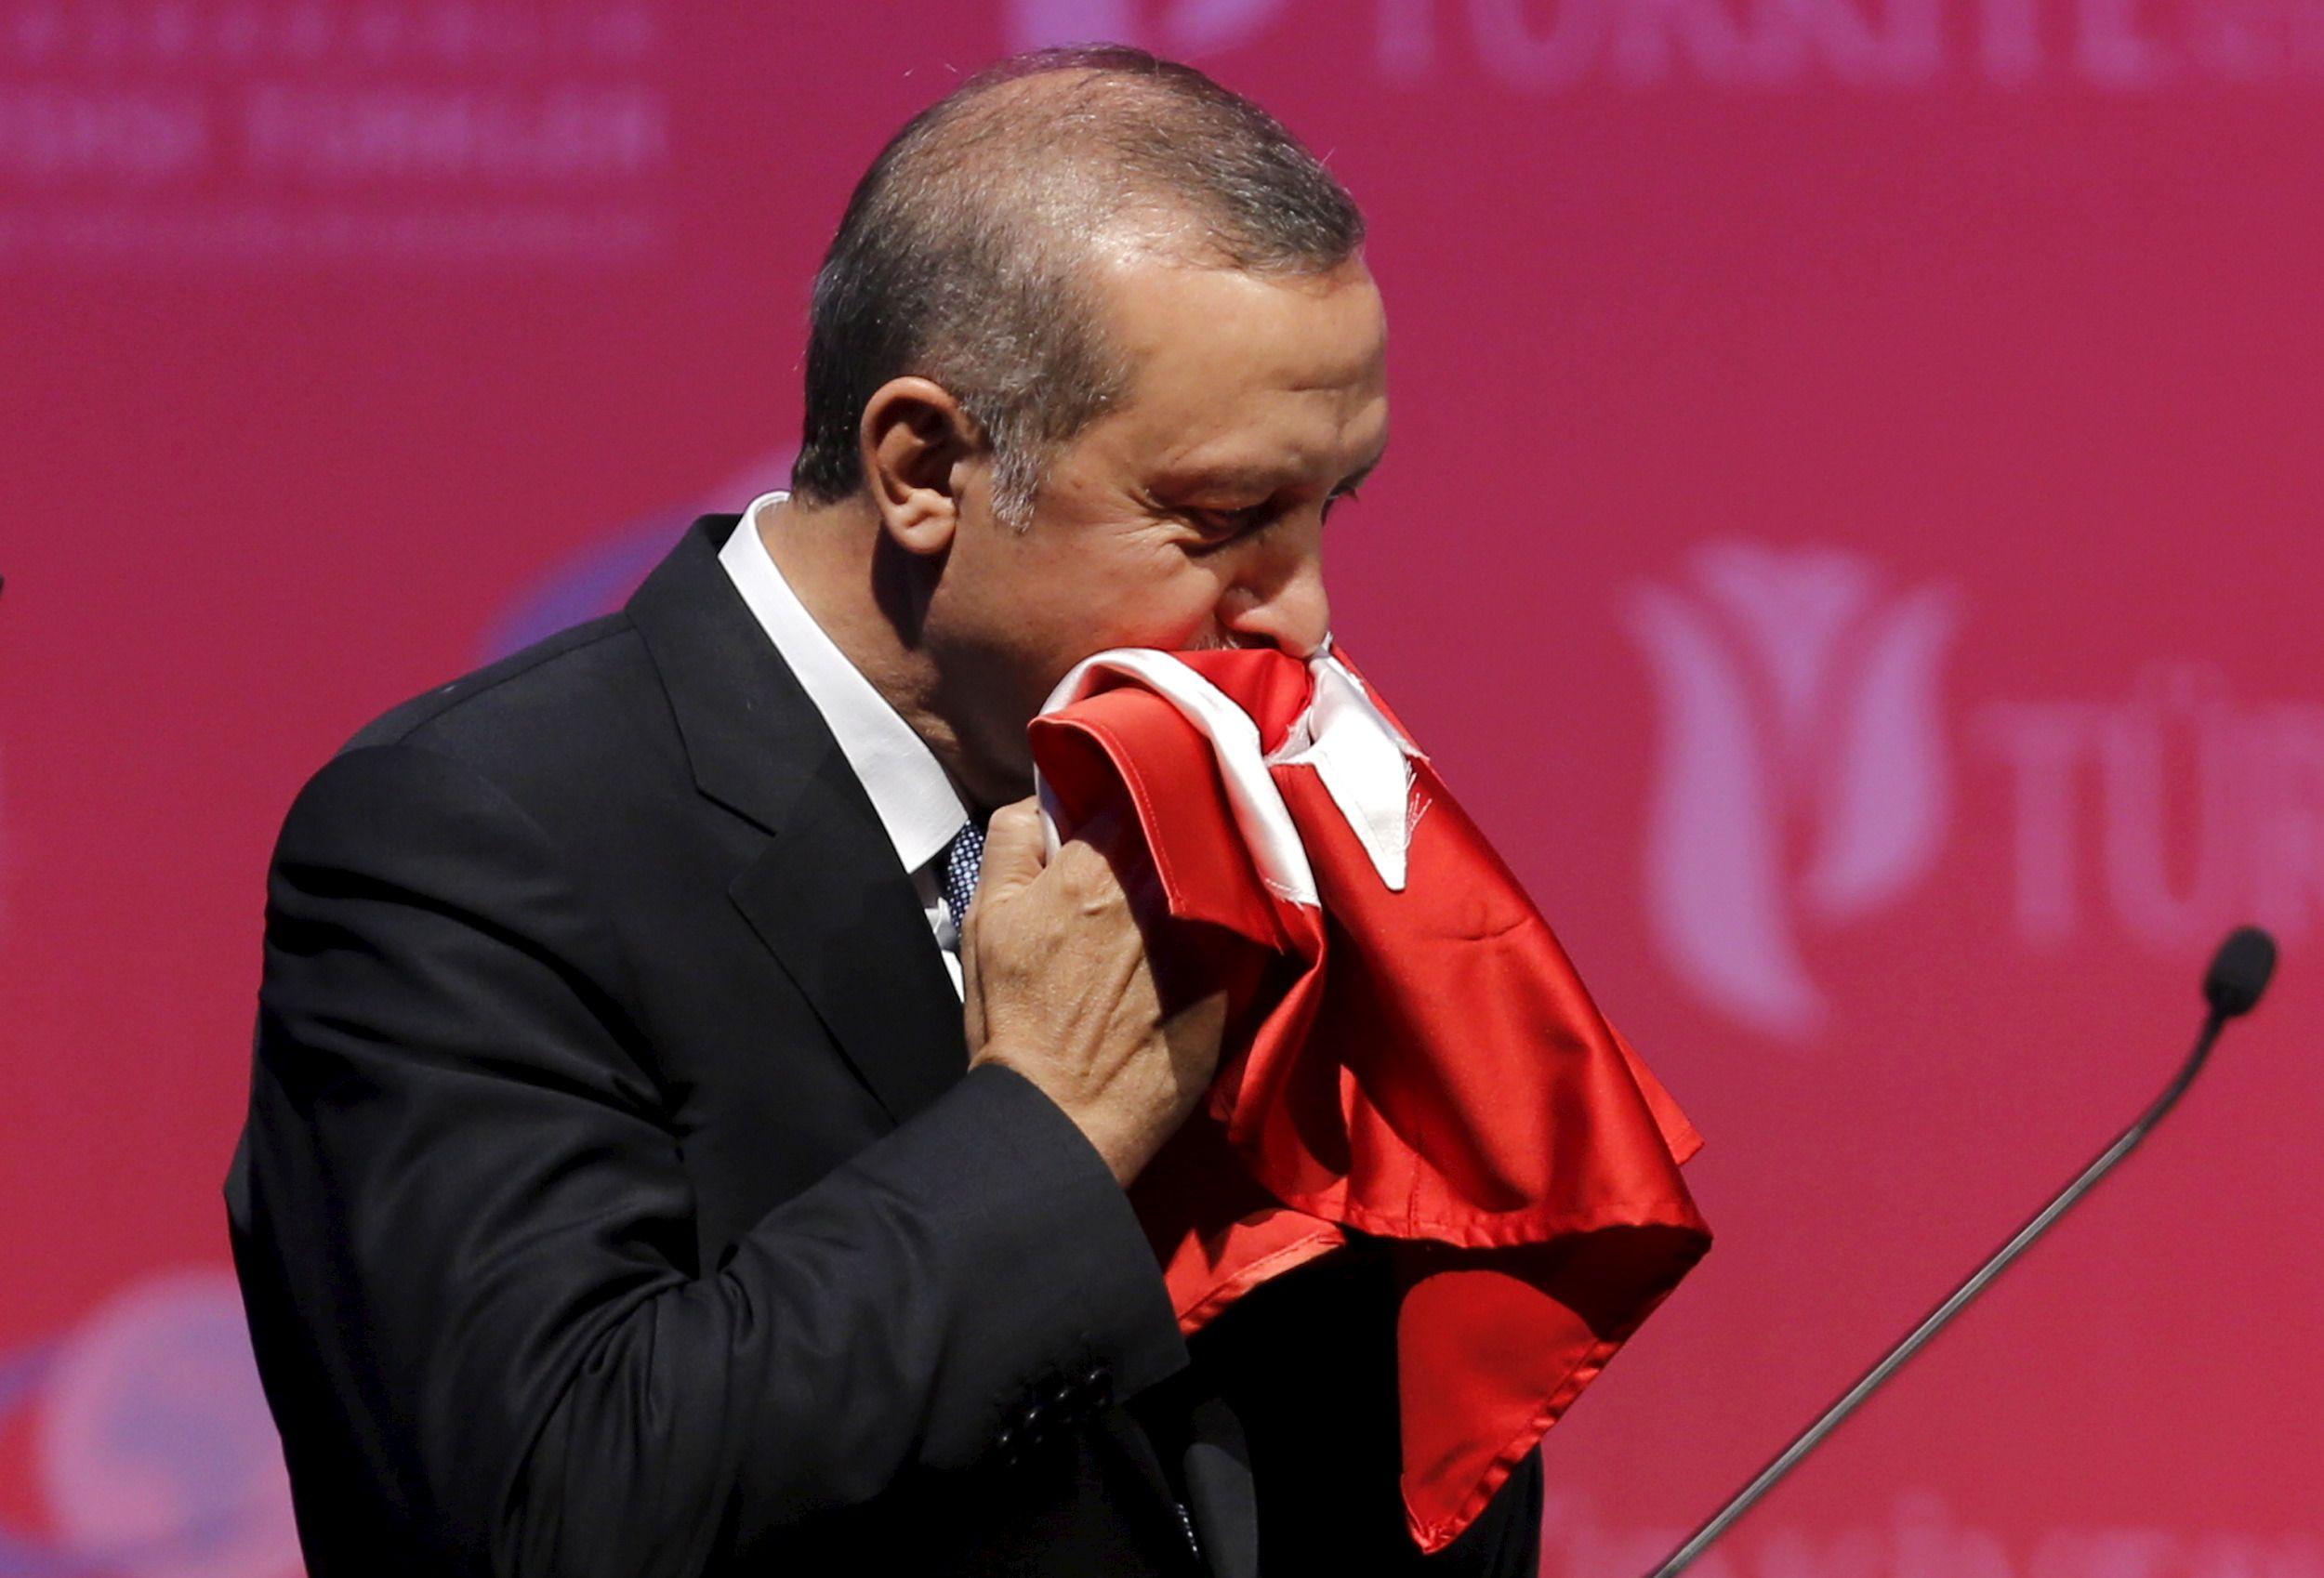 """Turquie : """"Mêlez-vous de vos affaires"""" lance Erdogan aux Occidentaux"""